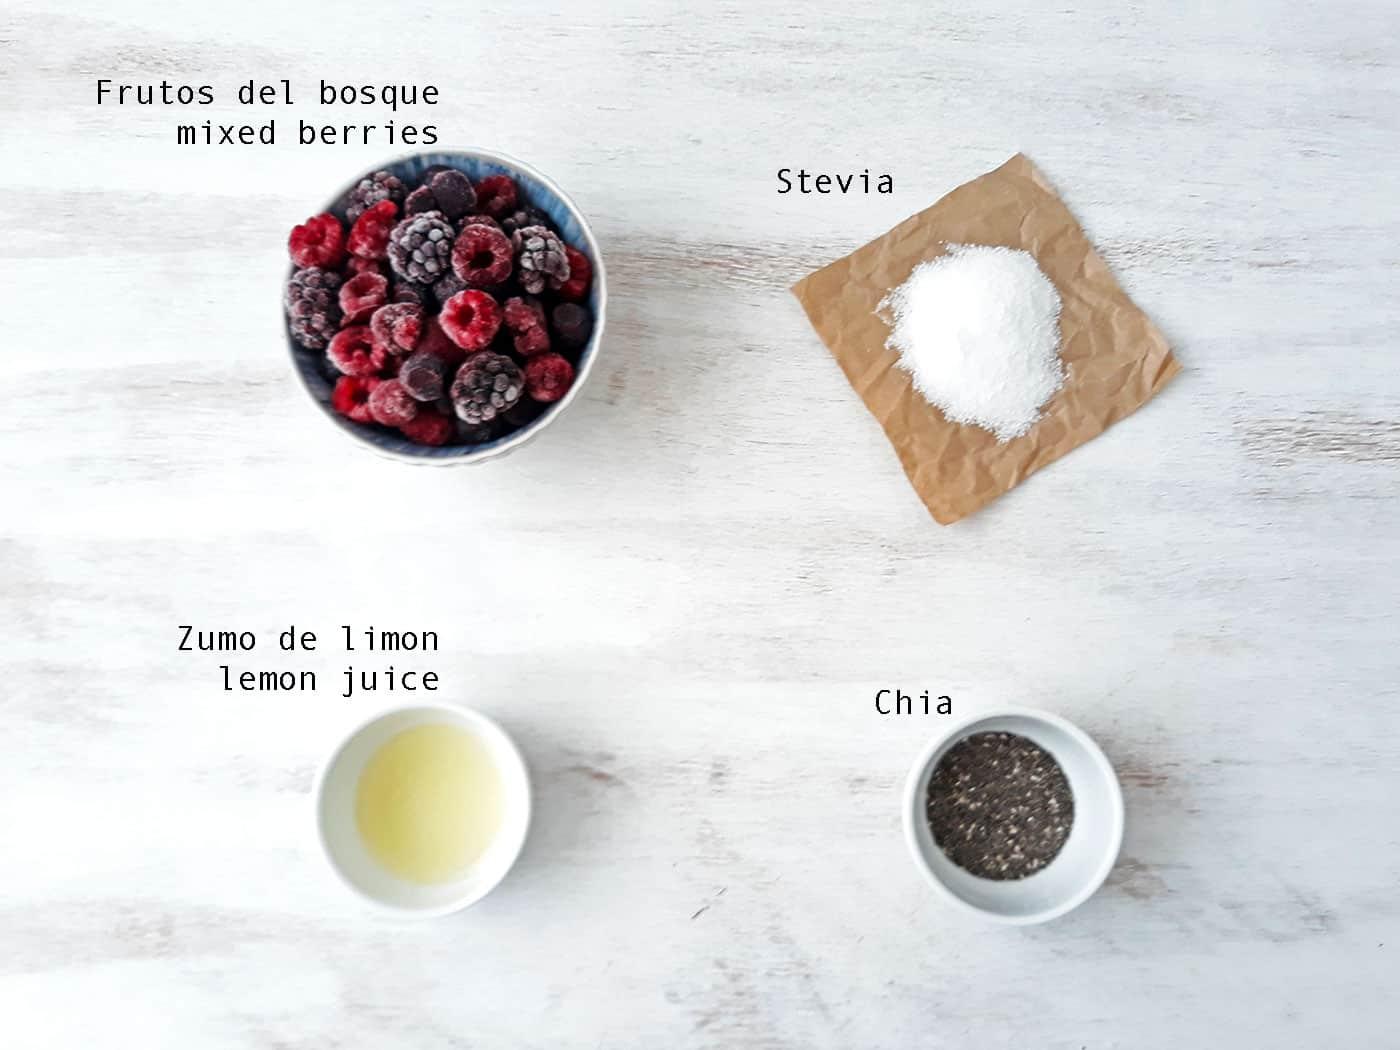 ingredientes para preparar mermelada de frutos rojos sin azúcar